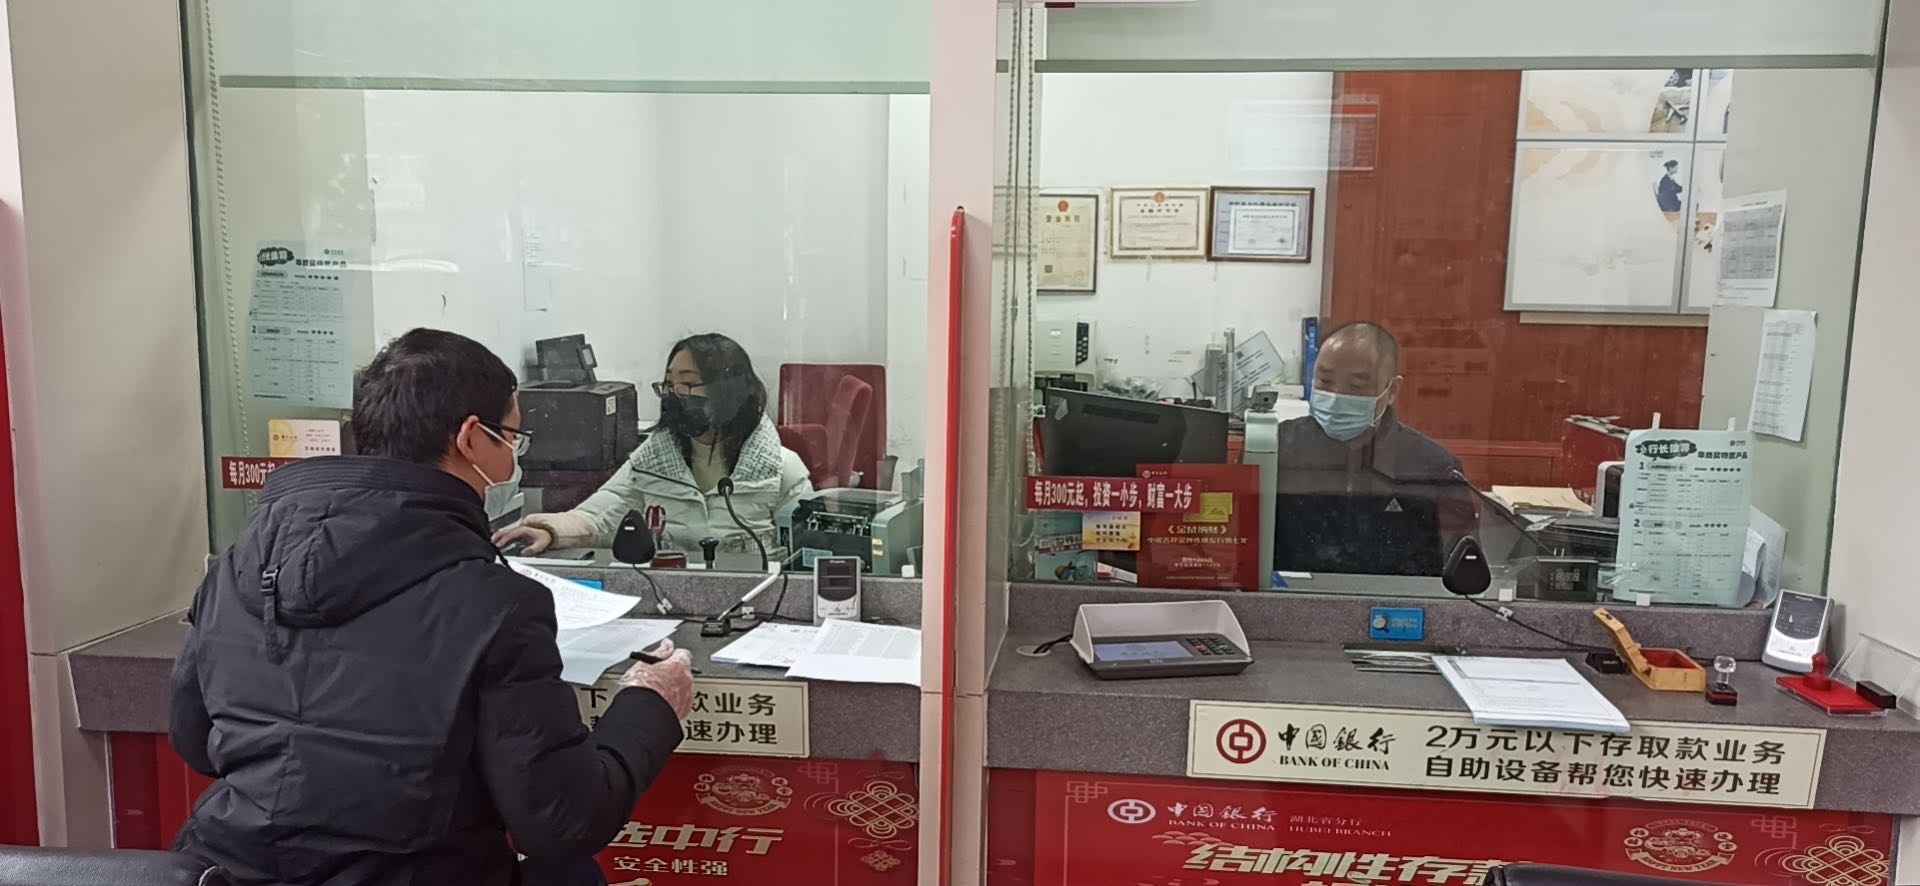 中国银行洪湖支行:金融助力奋战疫情